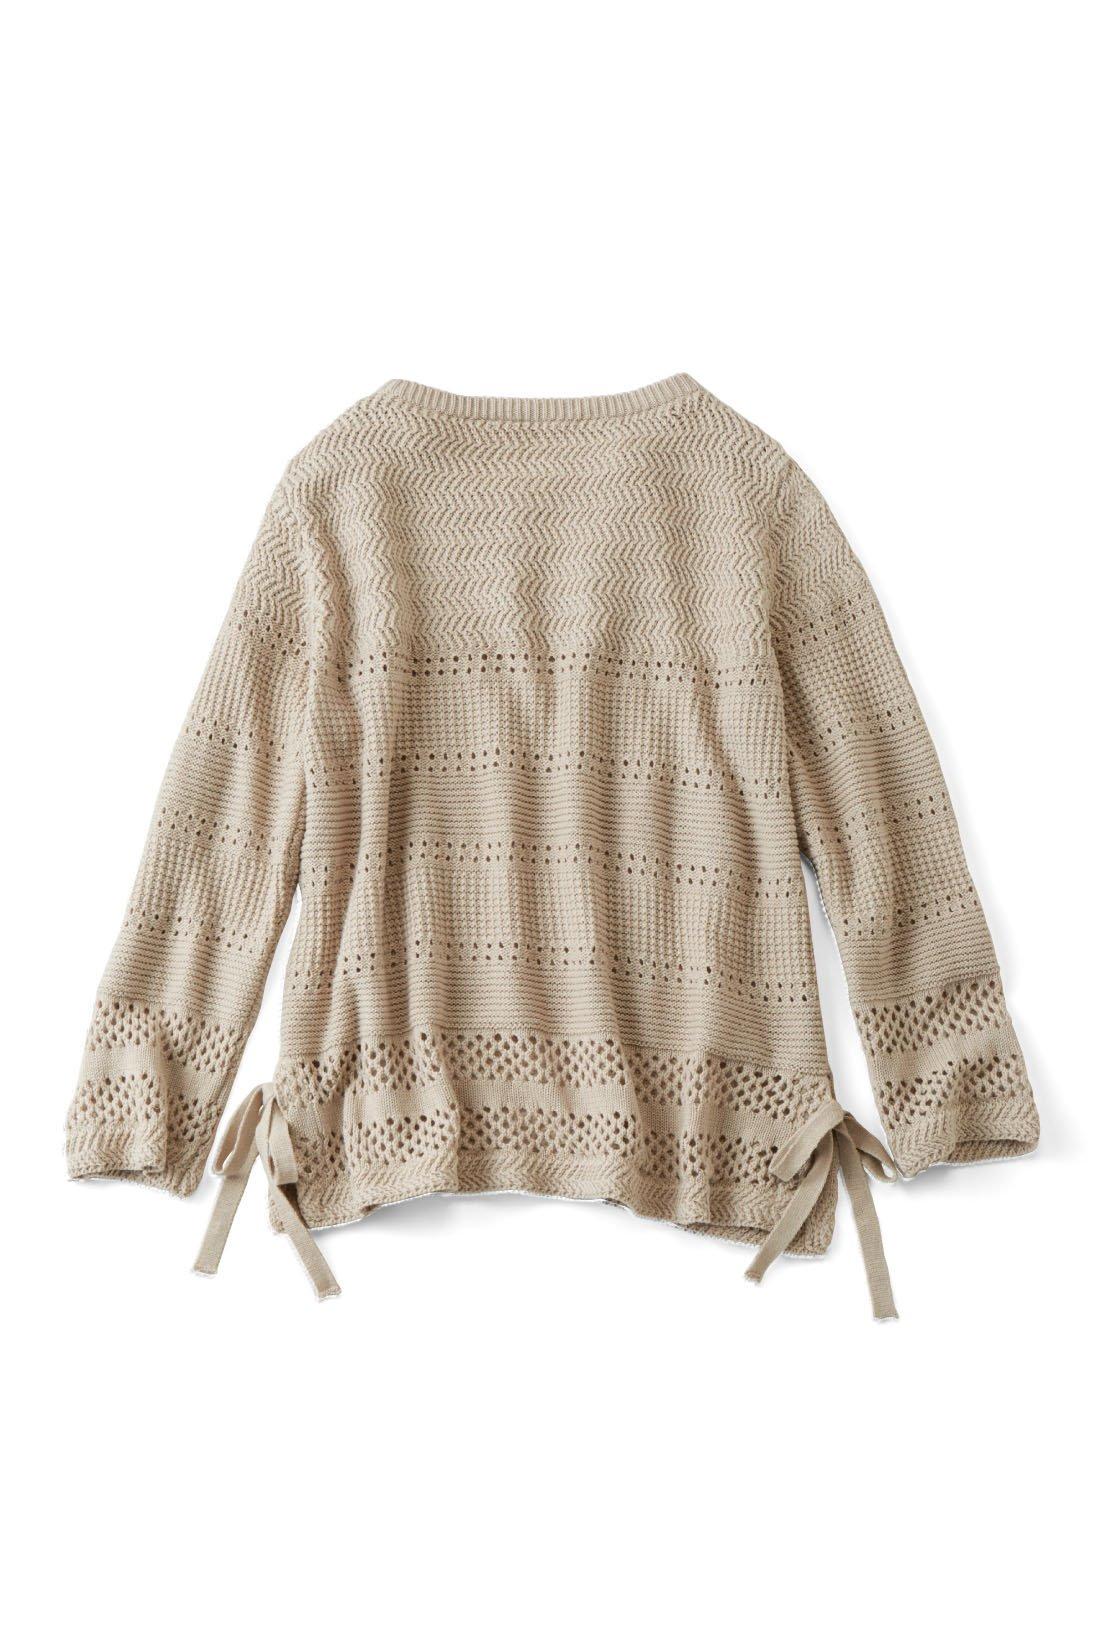 BACK 後ろも透かし編みデザインで華やか。 ※お届けするカラーとは異なります。